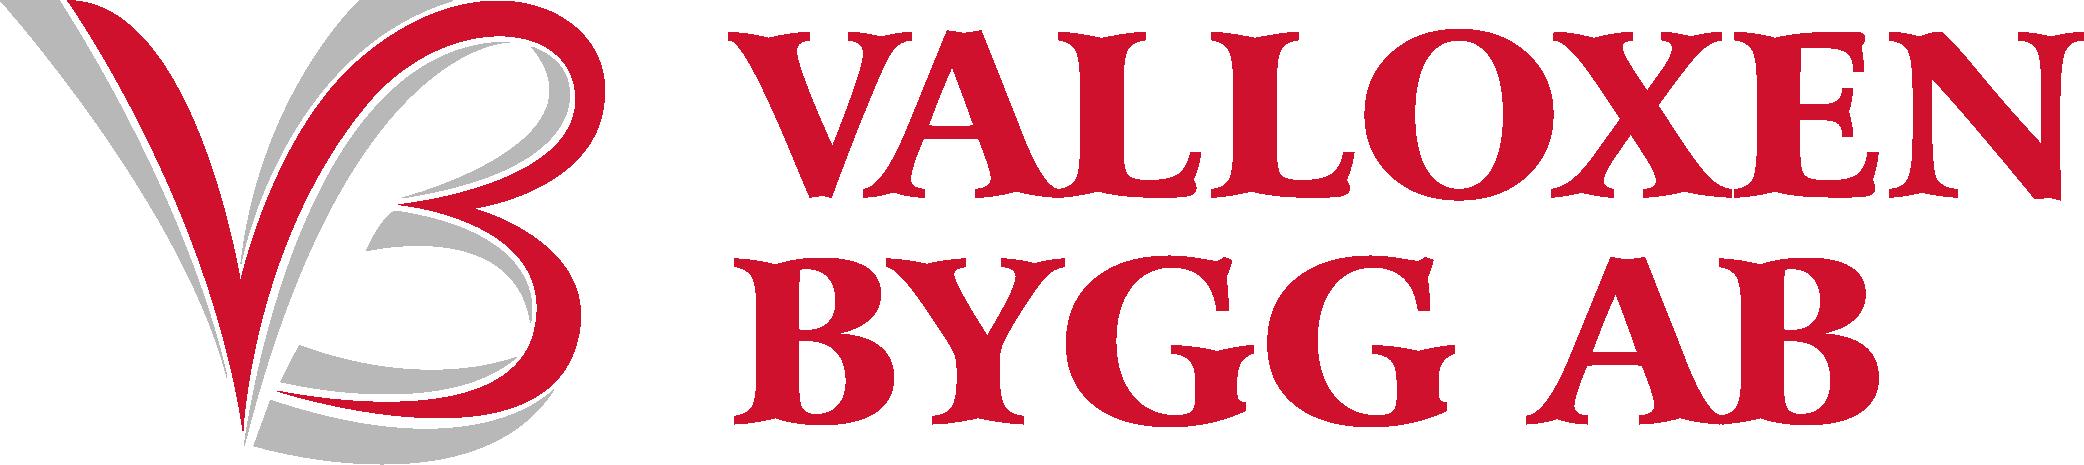 Valloxenbygg